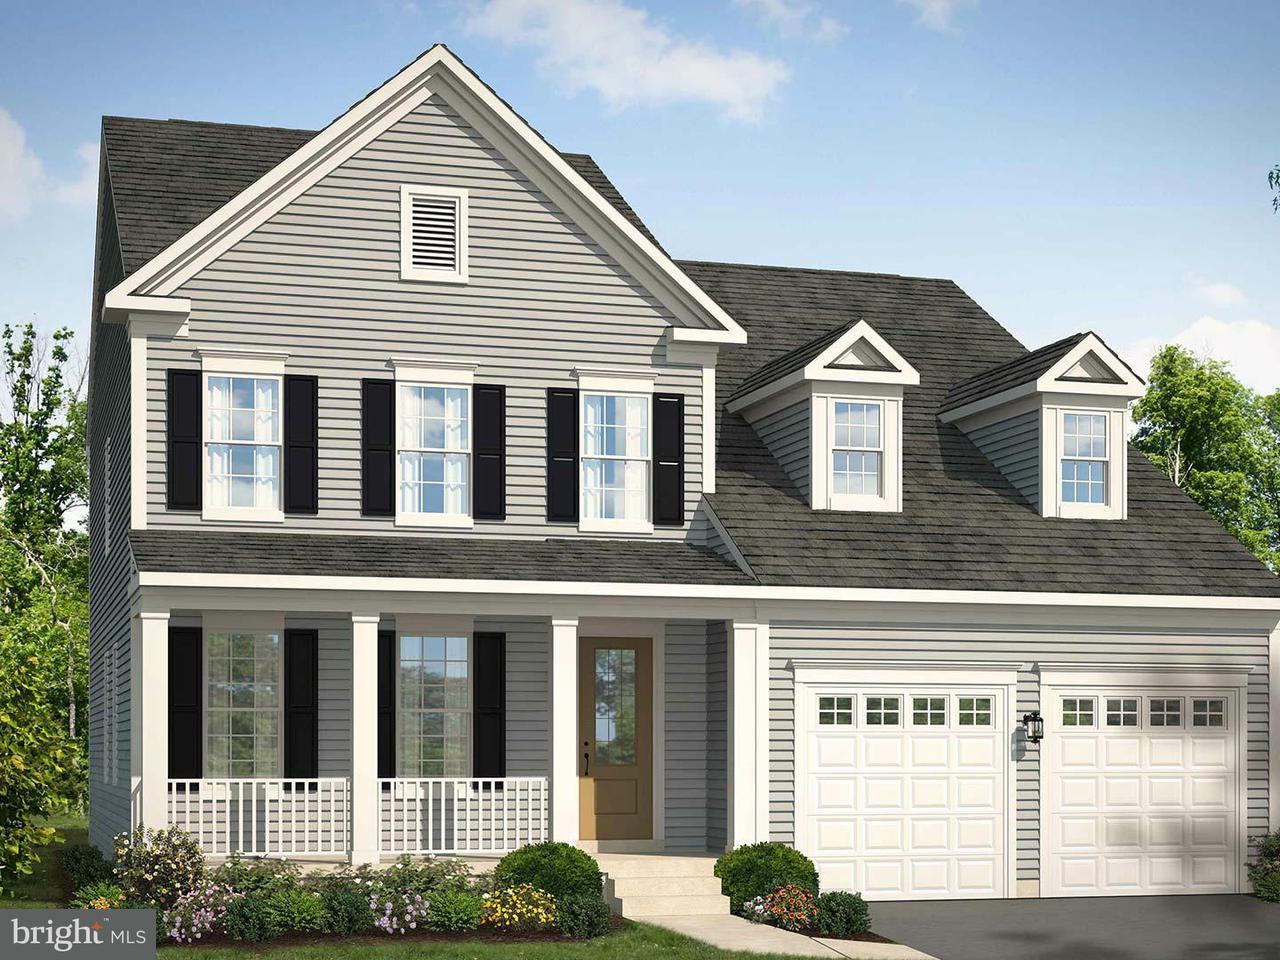 Частный односемейный дом для того Продажа на 23386 LILLIFLORA Drive 23386 LILLIFLORA Drive California, Мэриленд 20619 Соединенные Штаты